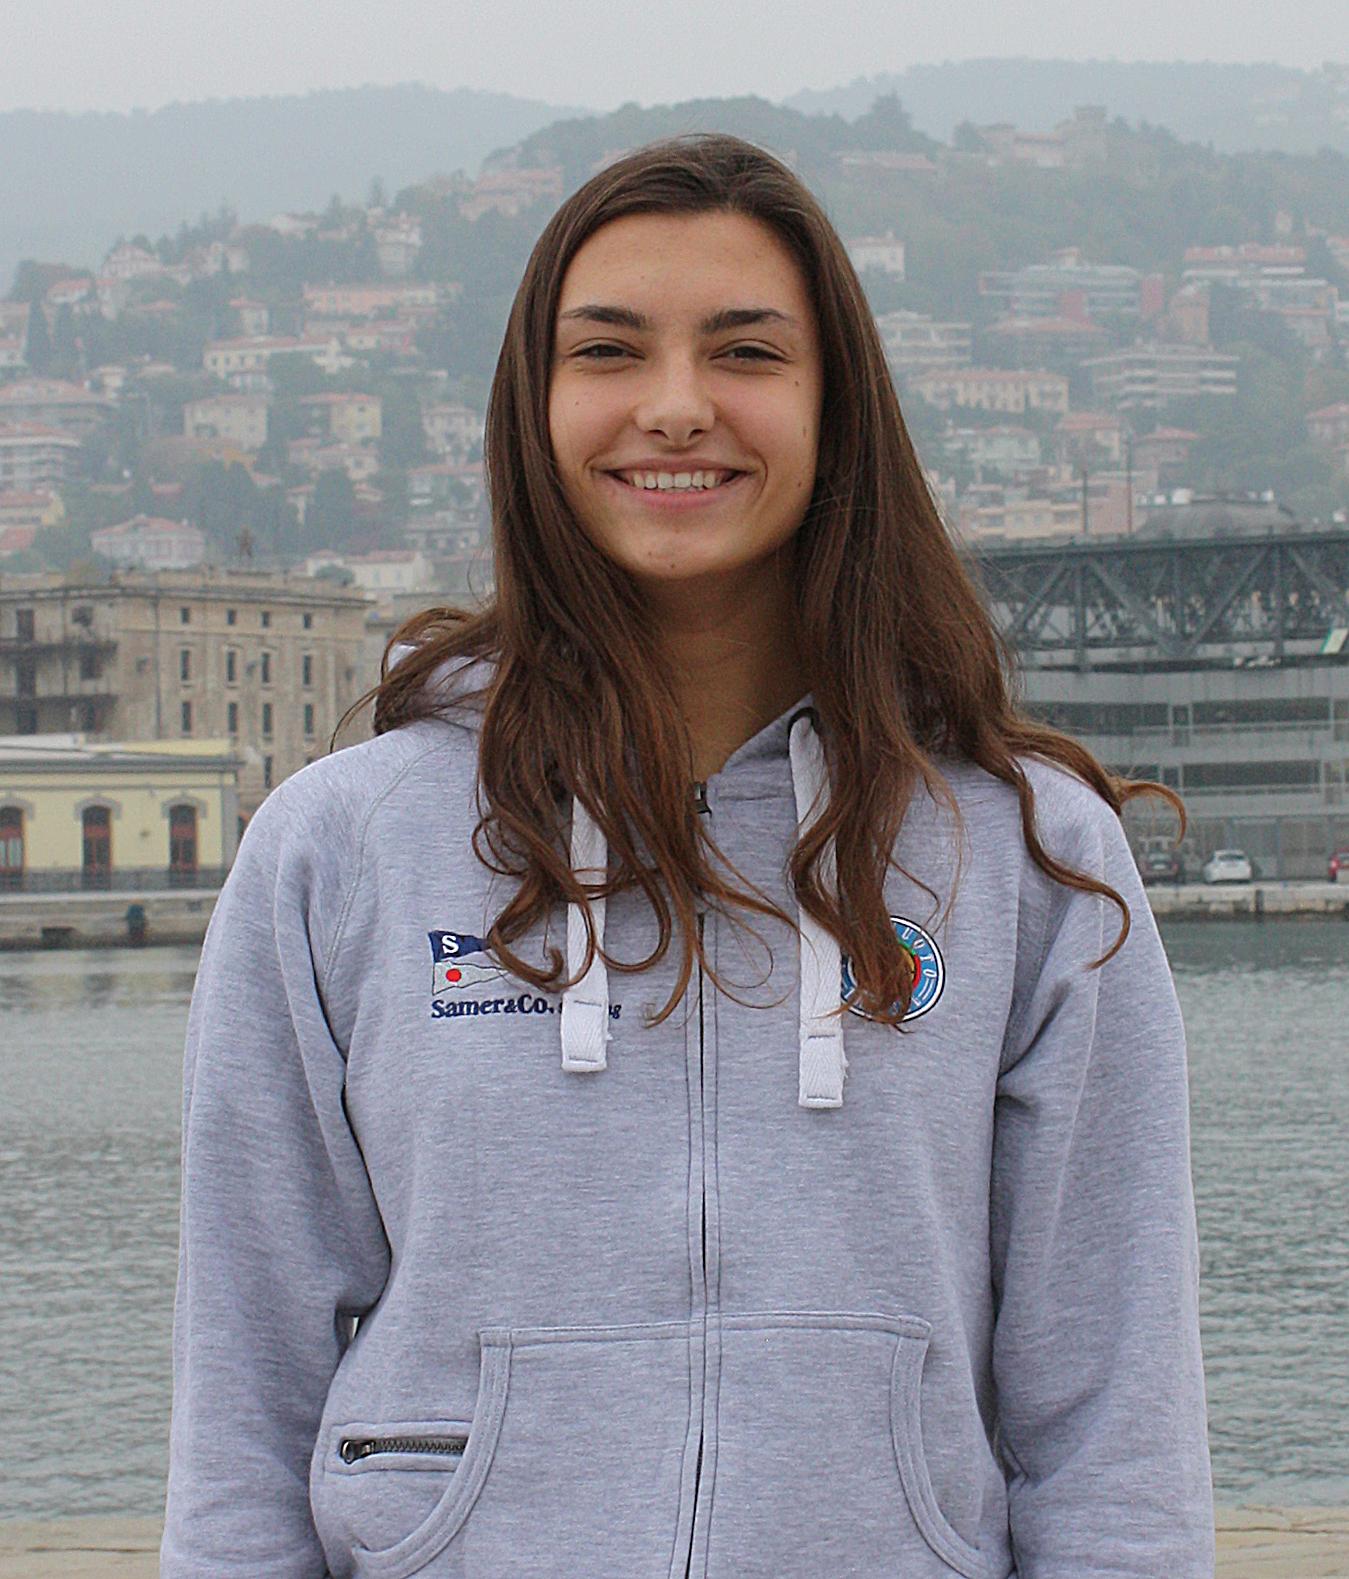 Settore giovanile: quattro orchette della Pallanuoto Trieste convocate per il raduno della nazionale nate nel 1999, 2000 e anni seguenti